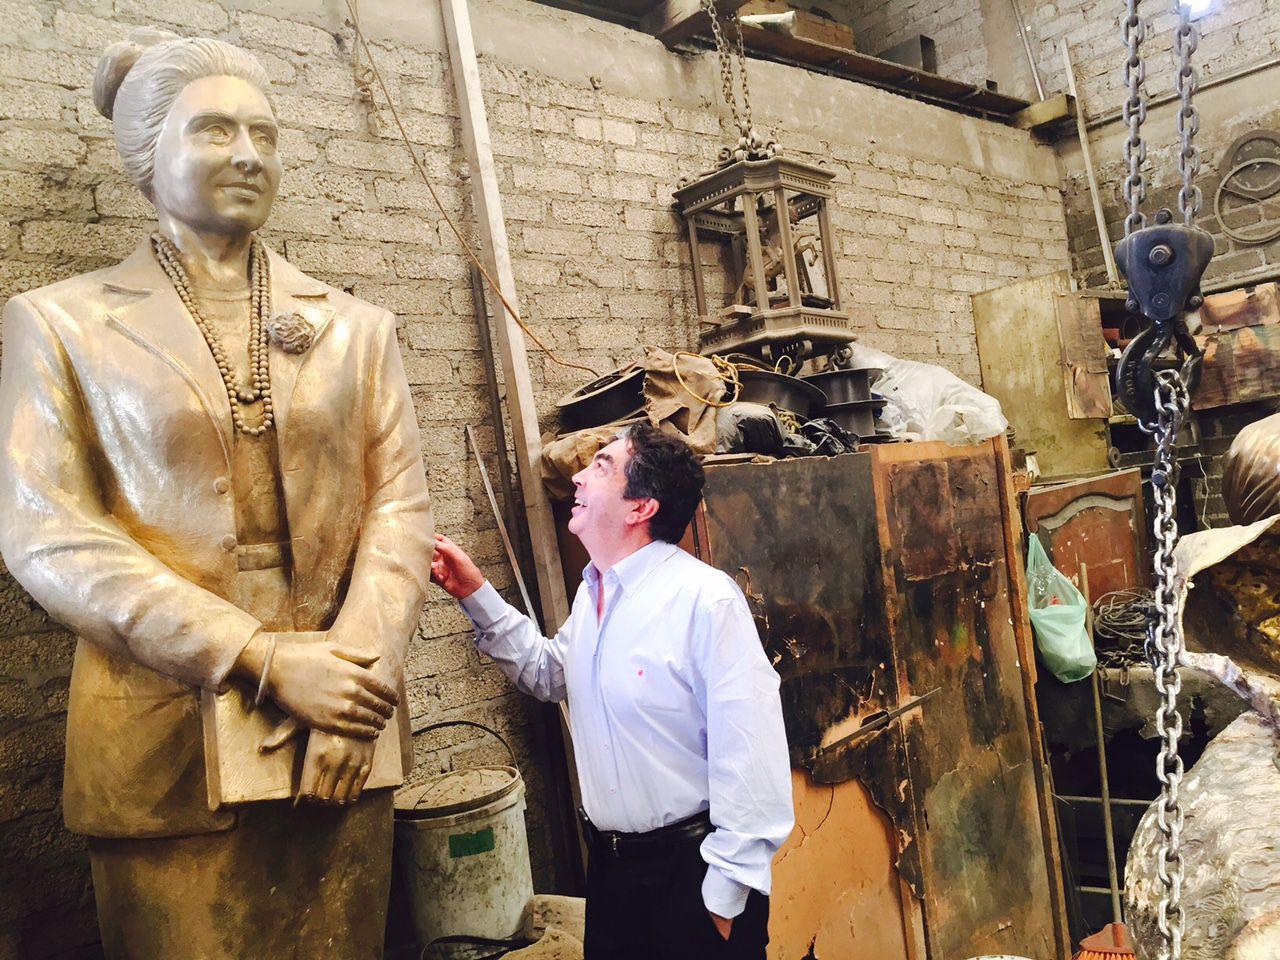 El escultor Germán Michel explica la manufactura de la estatua de Adelfa Callejo en su tallkr en México. 06062015xALDIA 06172015xMETRO